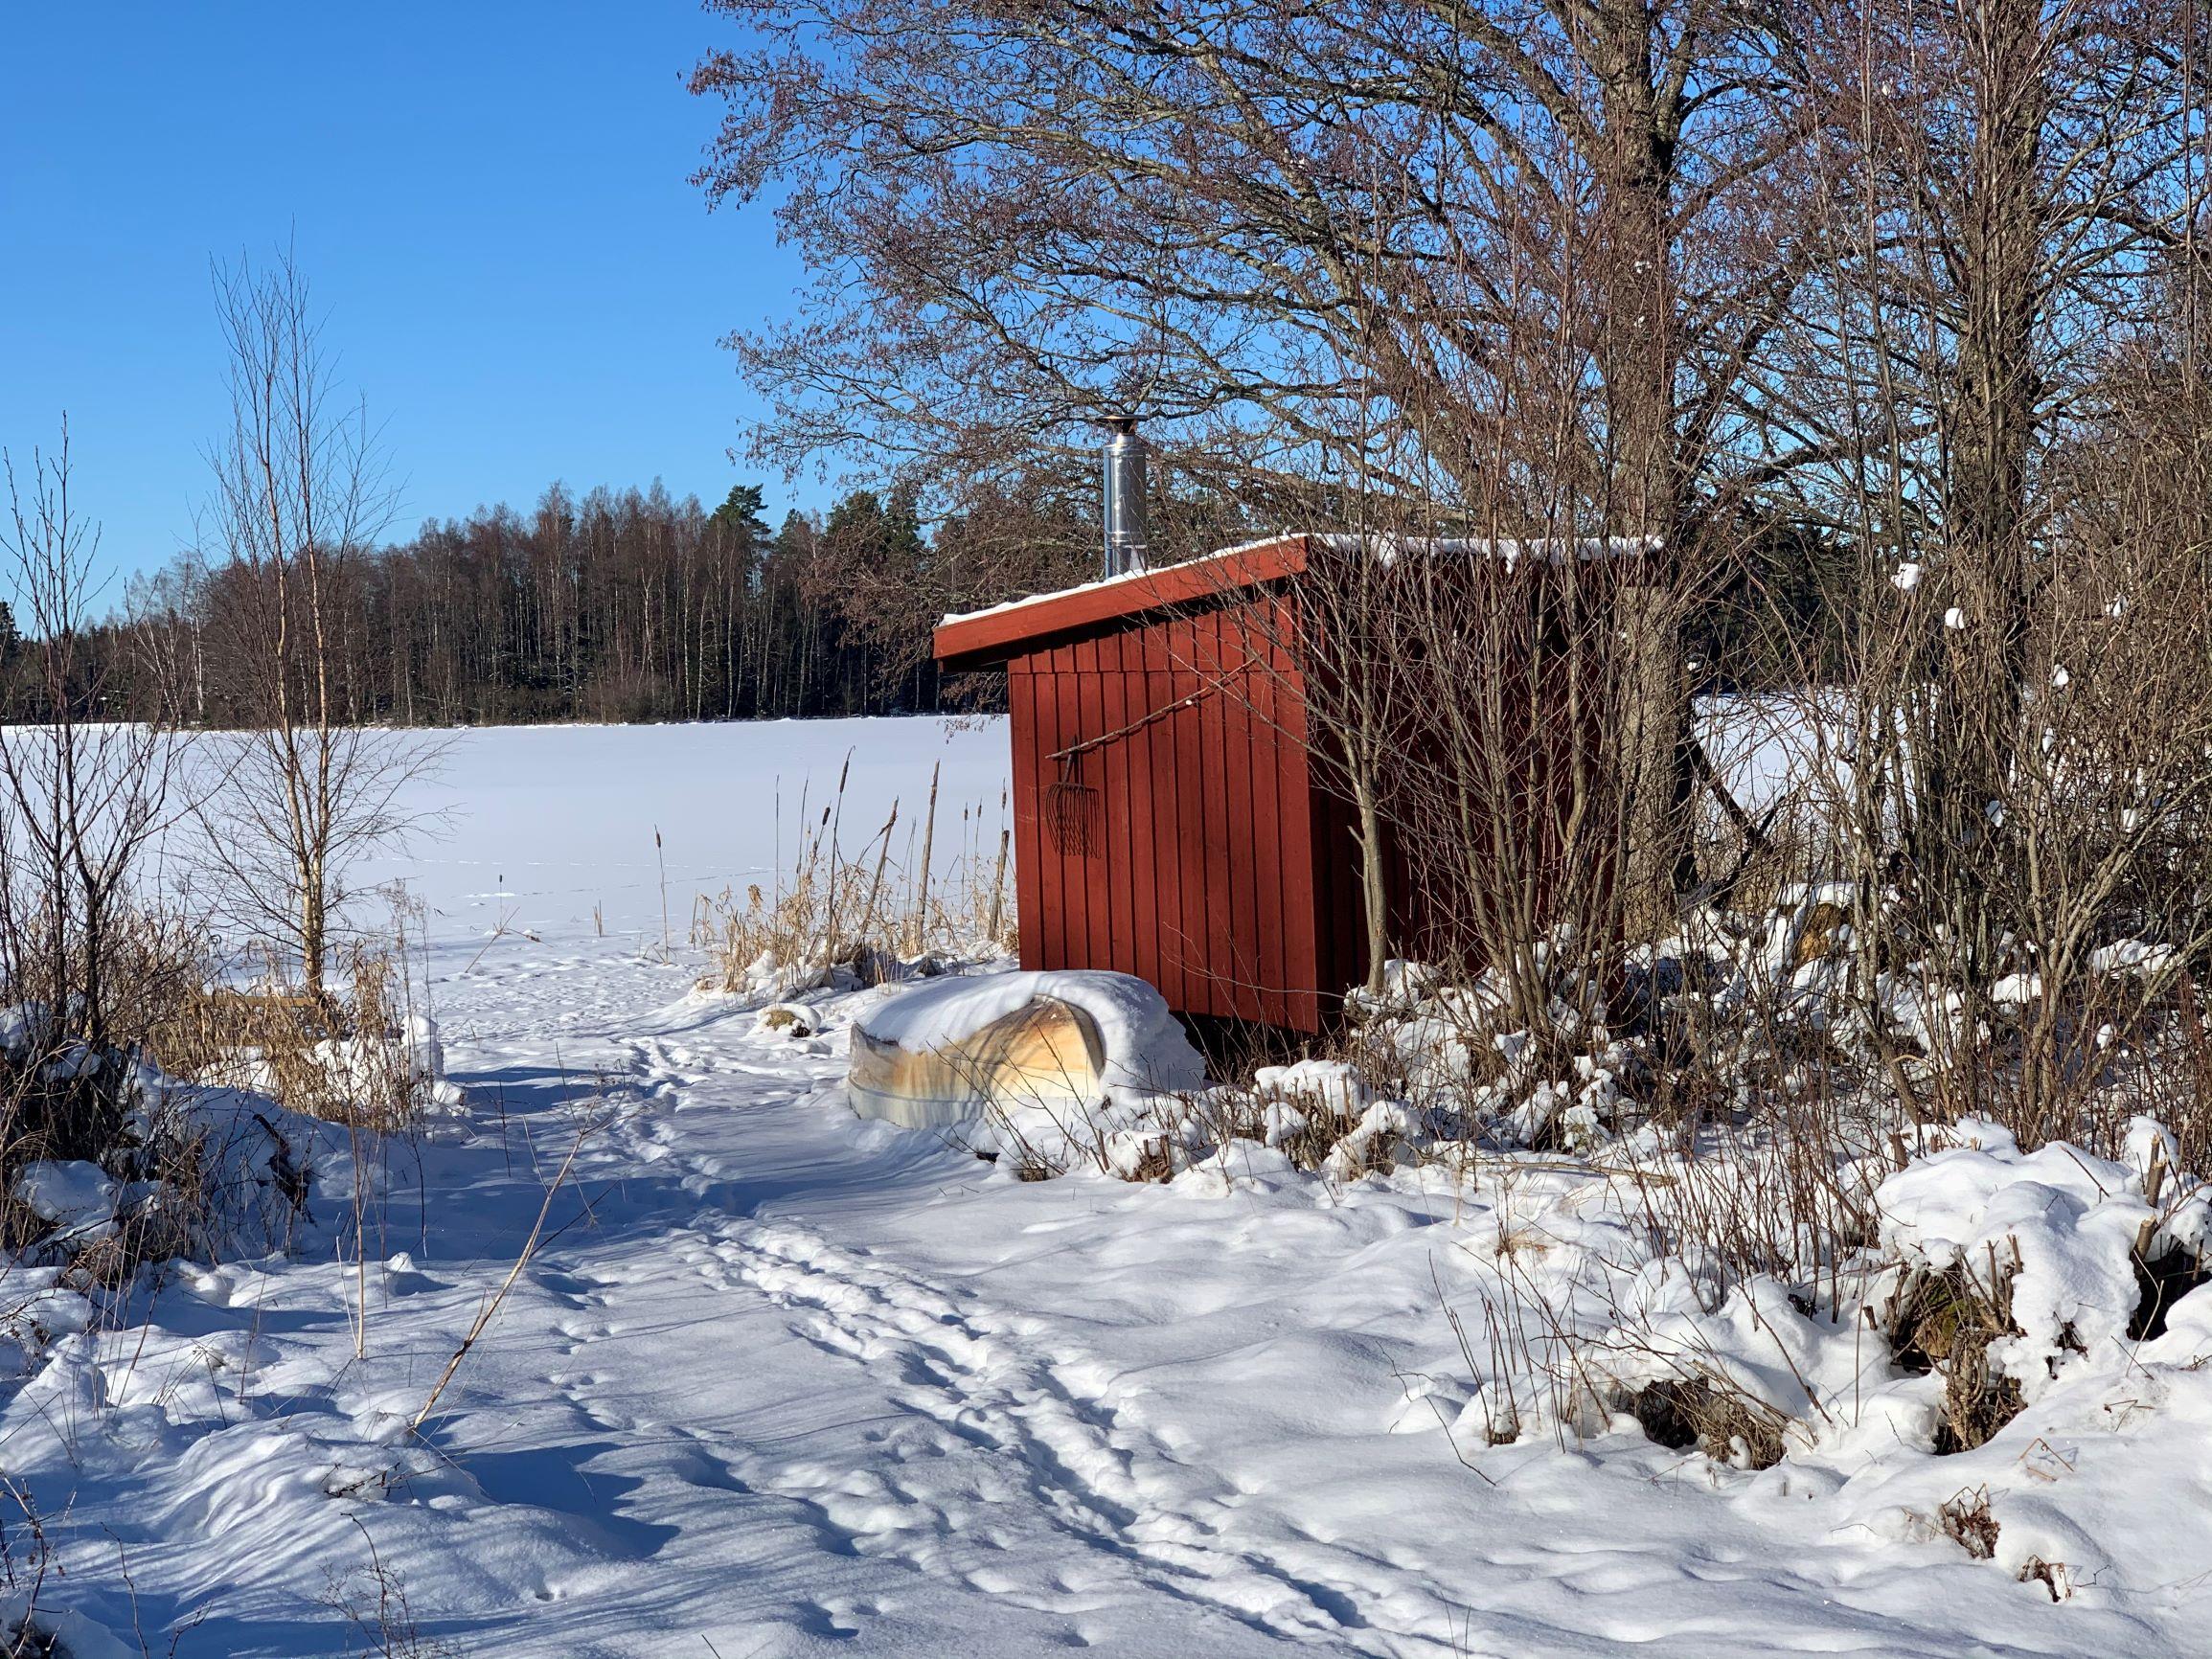 Der See Vrigstadsan Am Torp Staveryd Mit Der Holzbefeuerten Sauna Direkt Am See